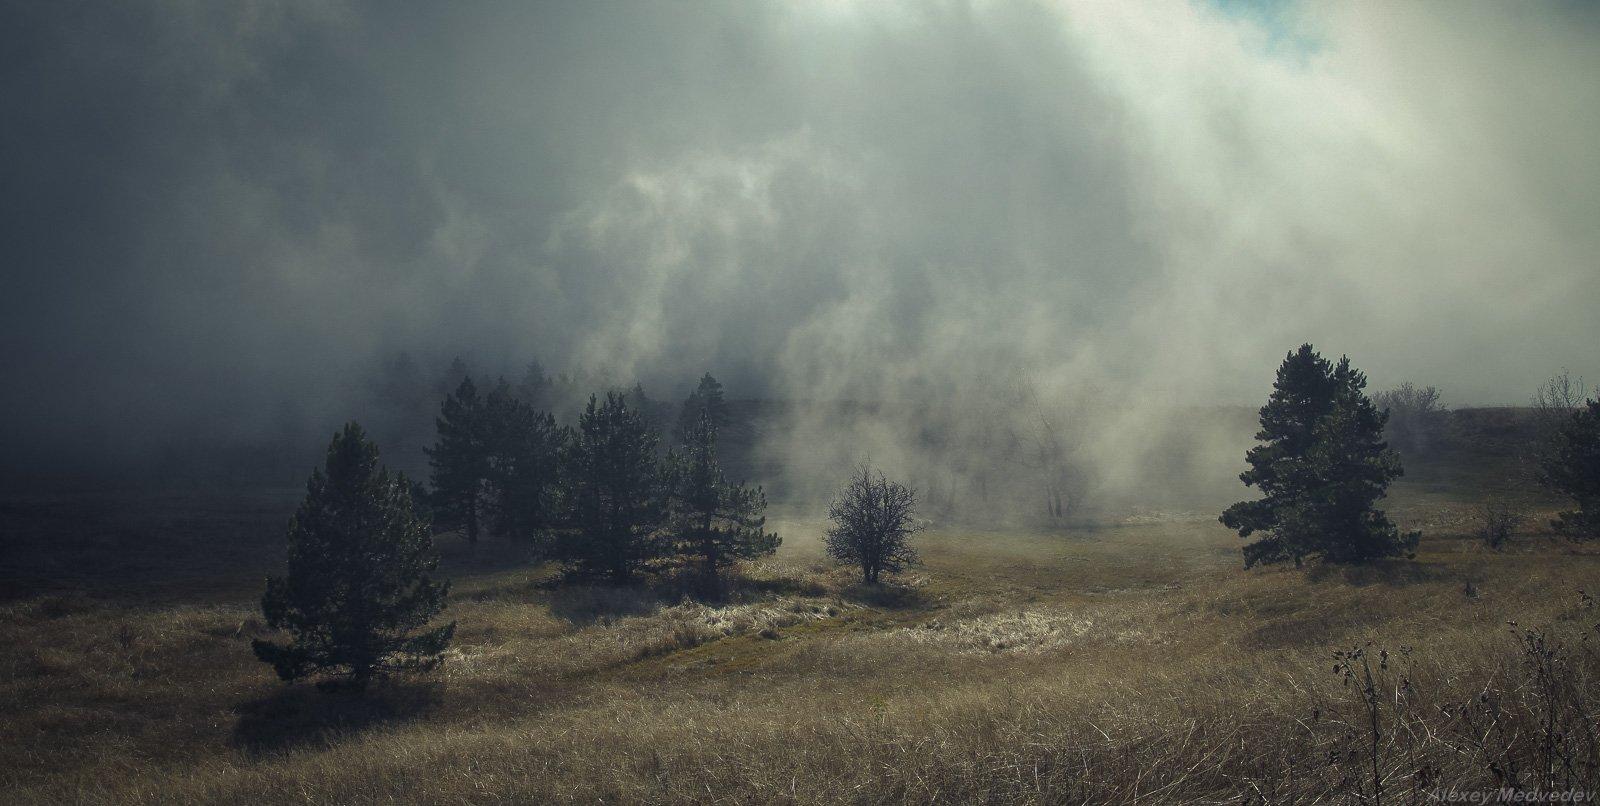 крым, горы, туман, мистика, облако, яйла, ай-петри, затерянный мир, Алексей Медведев